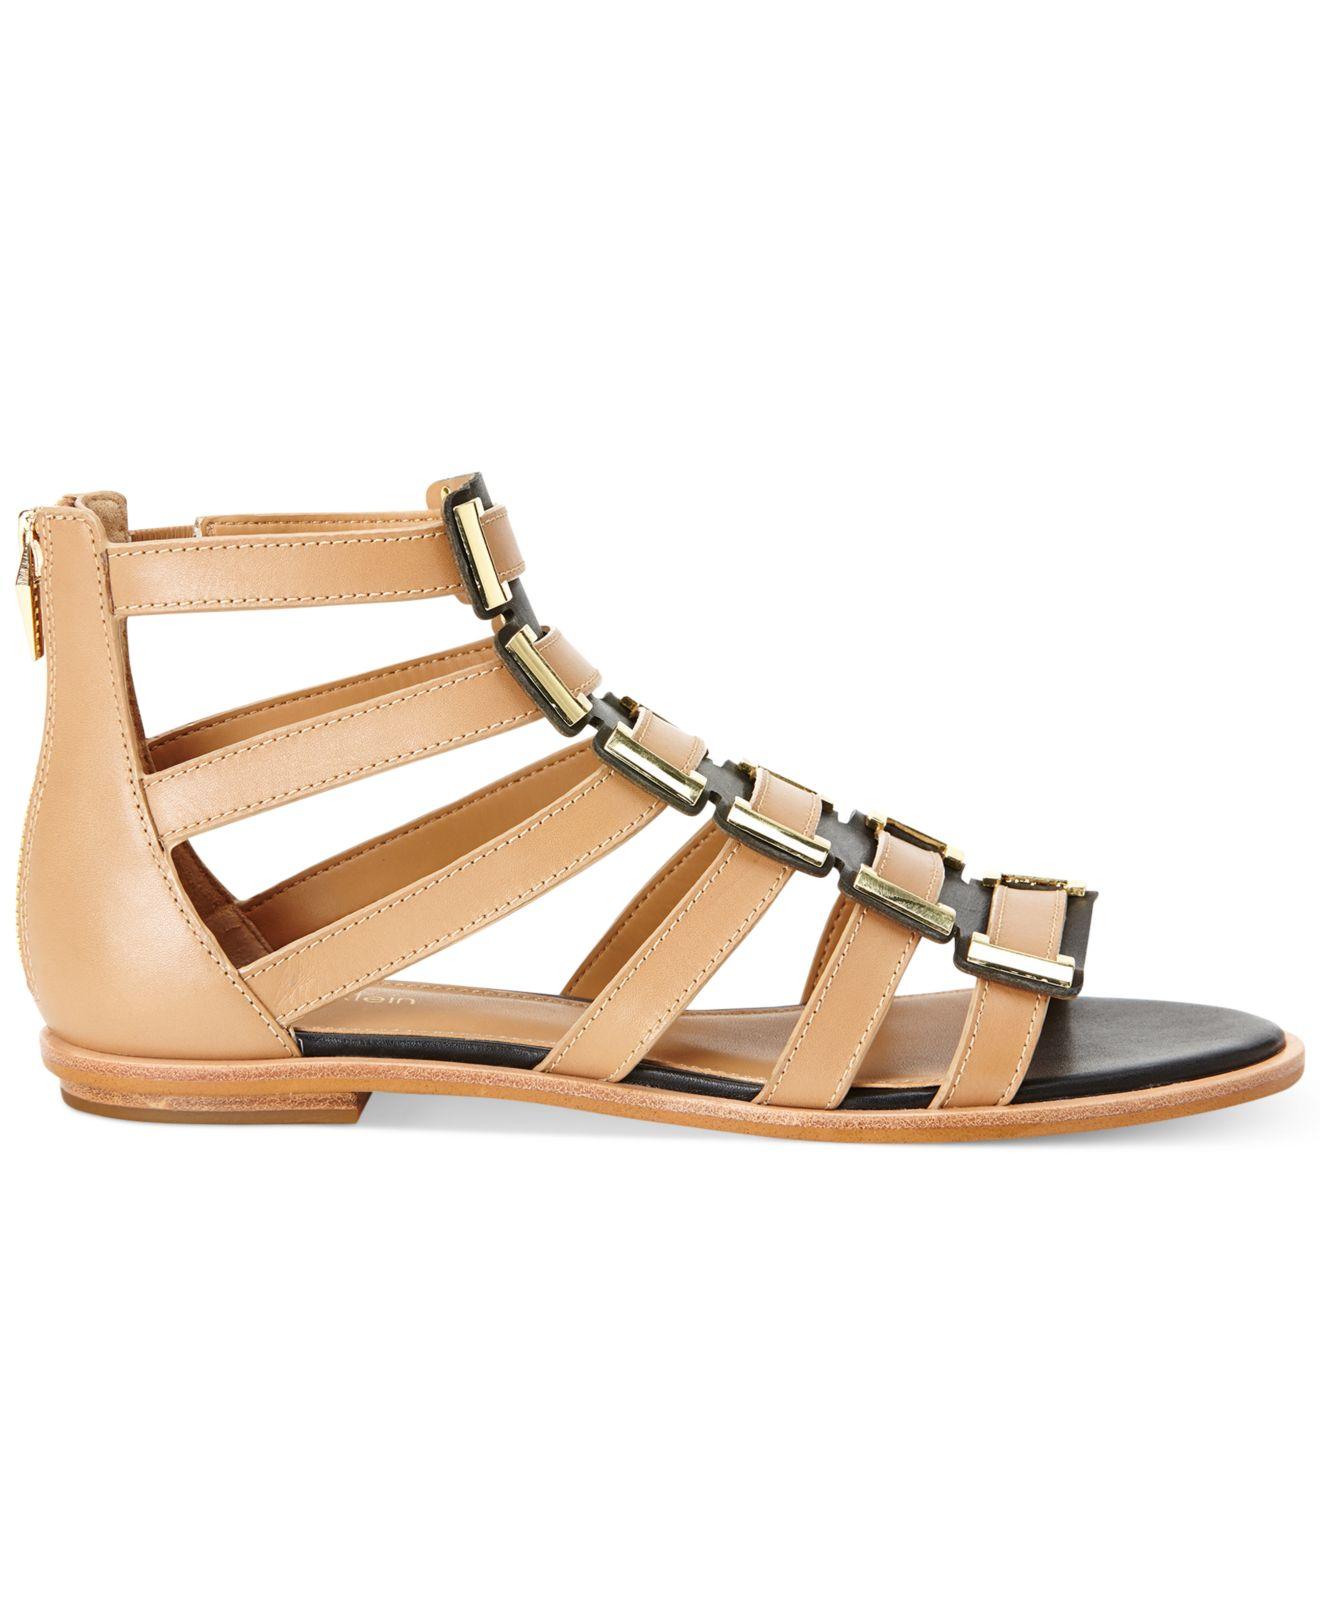 Calvin Klein Women S Undina Gladiator Sandals In Brown Lyst